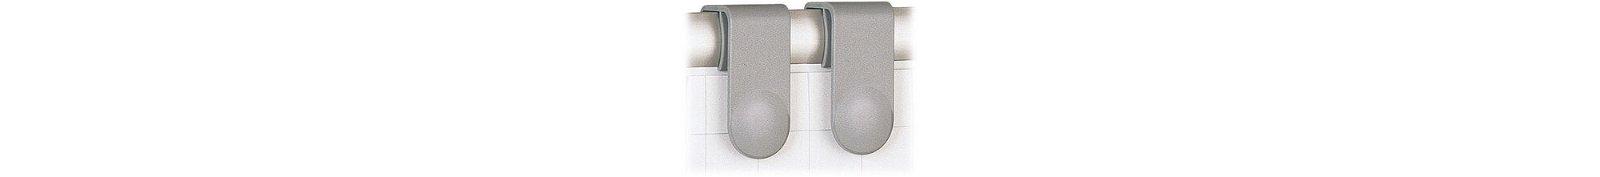 Blockhalter für Flipchart-Blocks, 2 St./Set, grau